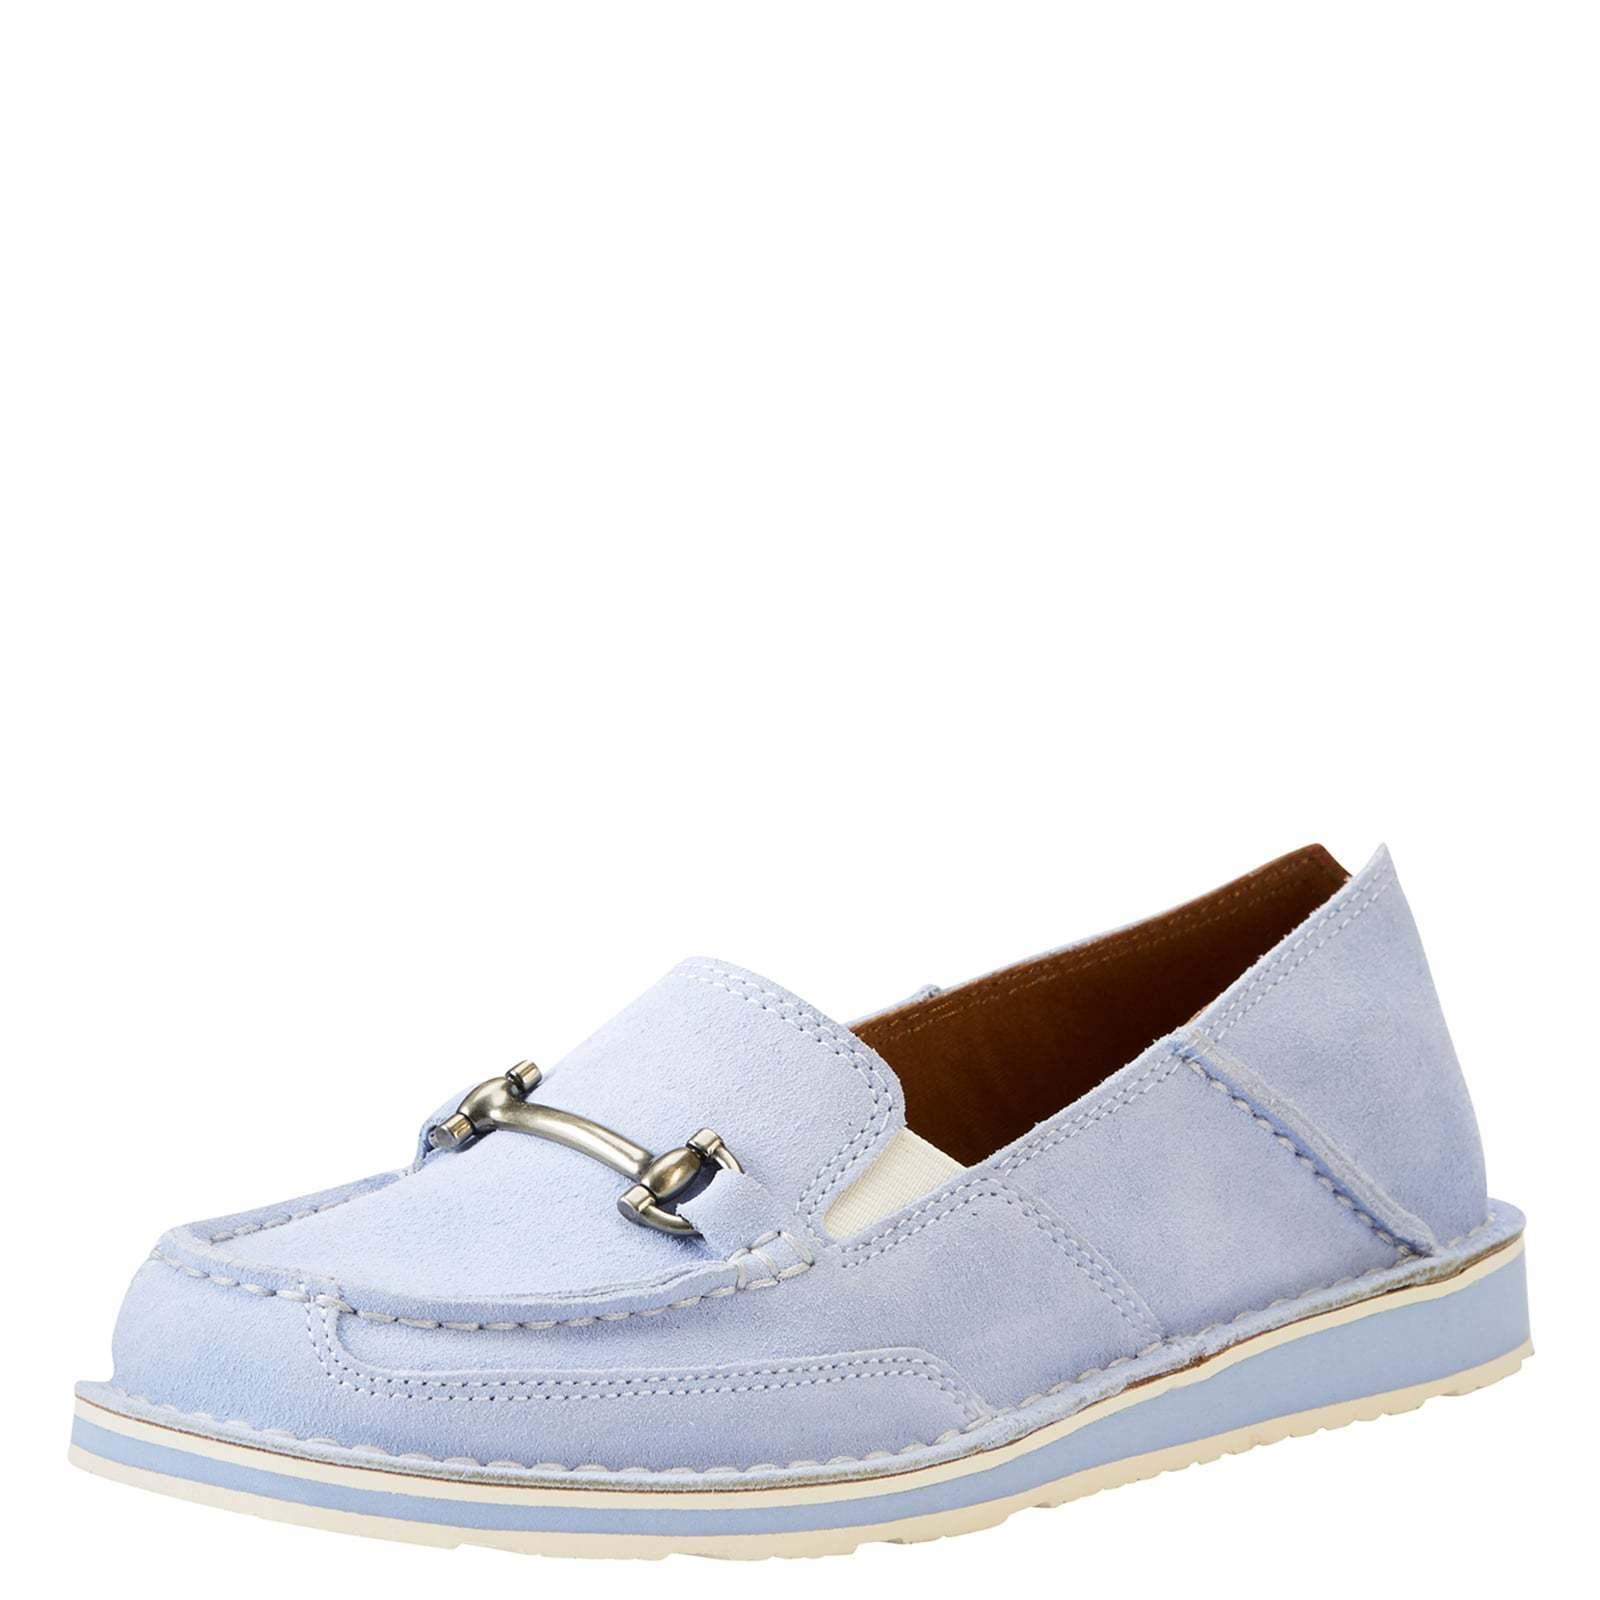 Ariat Ariat Ariat Bit Cruiser Zapato-Bebé Azul O Castaña-fueron  ahora  Entrega rápida y envío gratis en todos los pedidos.